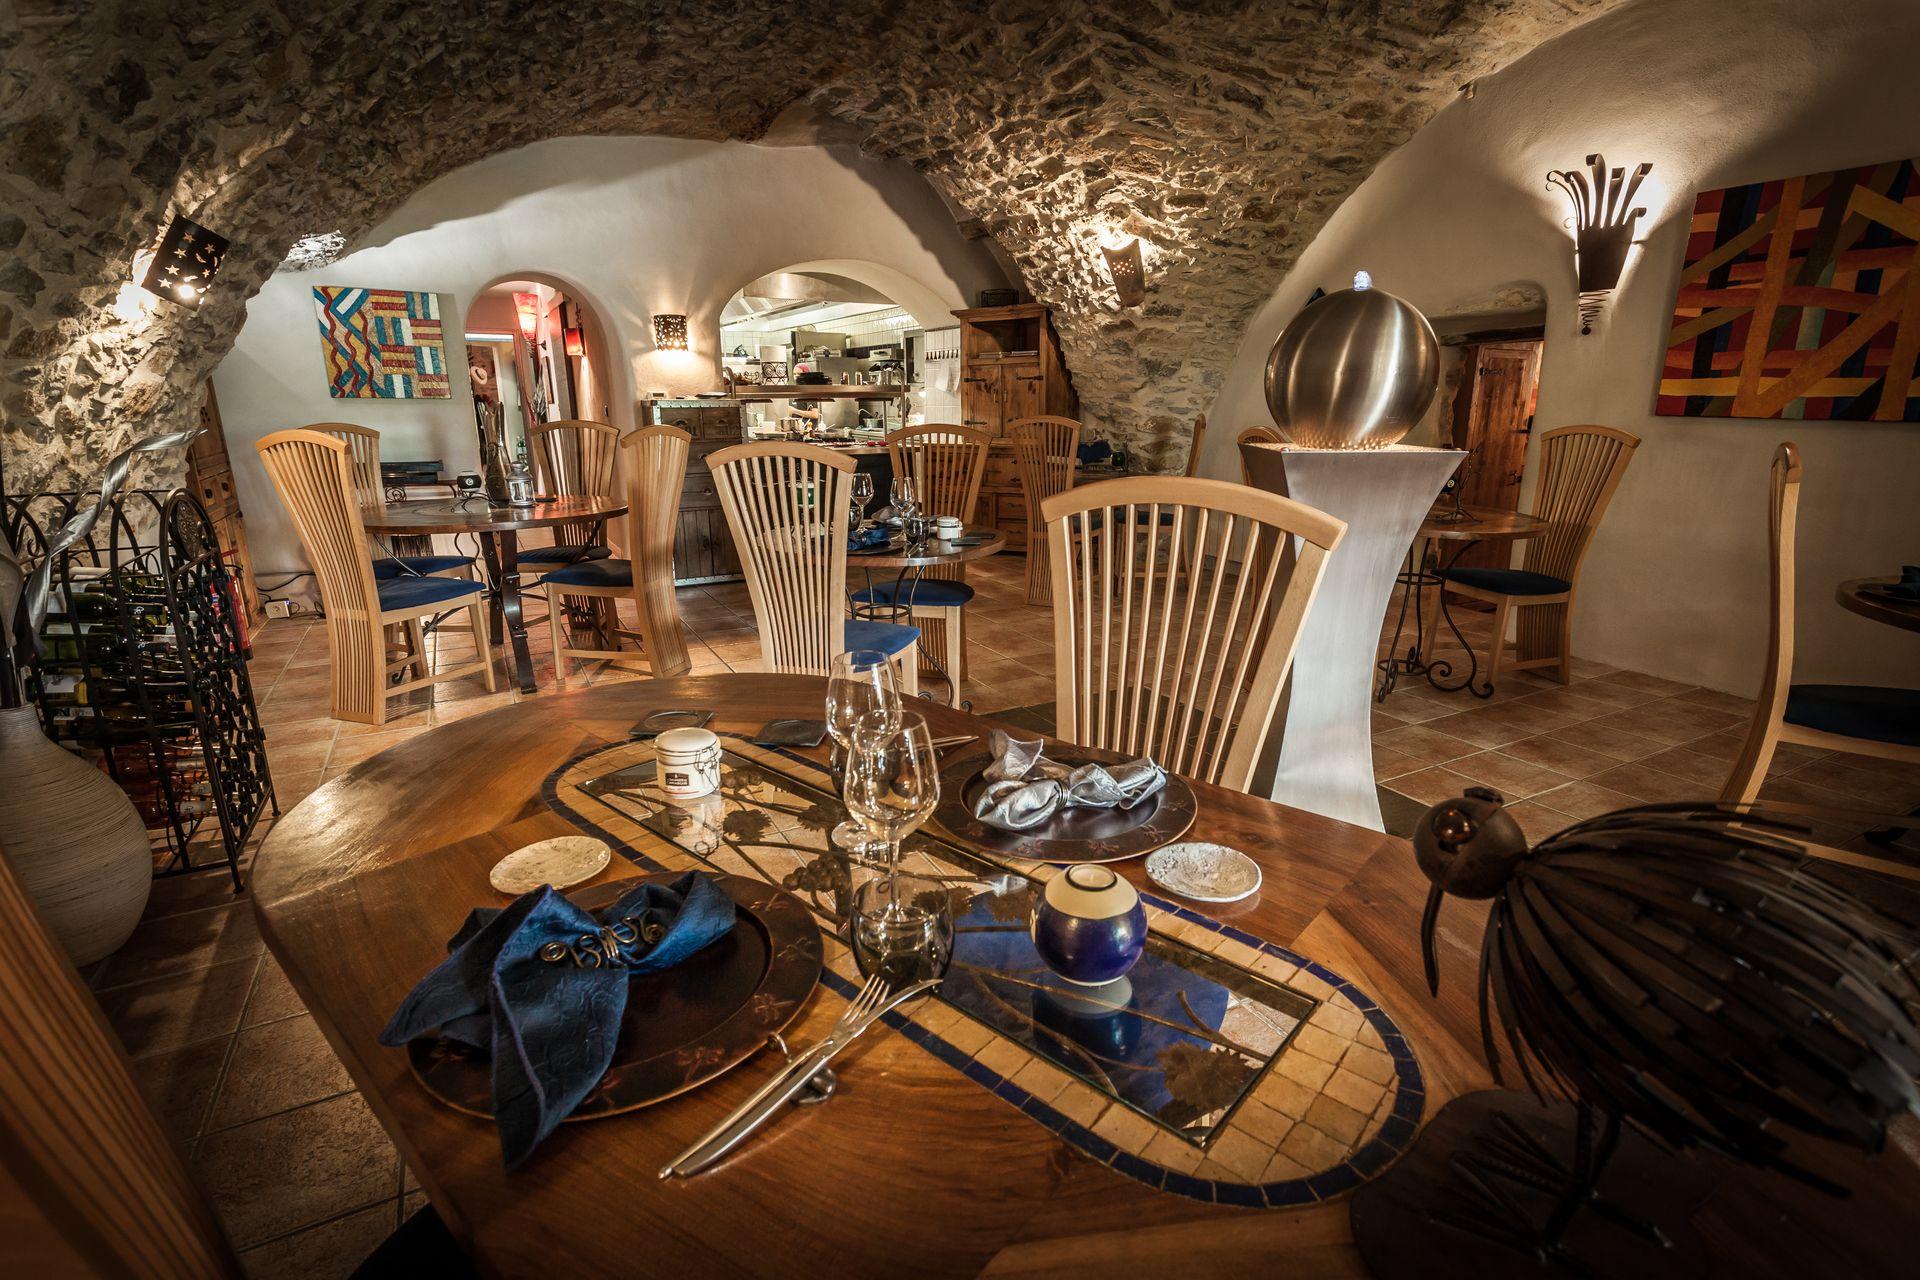 Salle Restaurant Le jardin aux sources